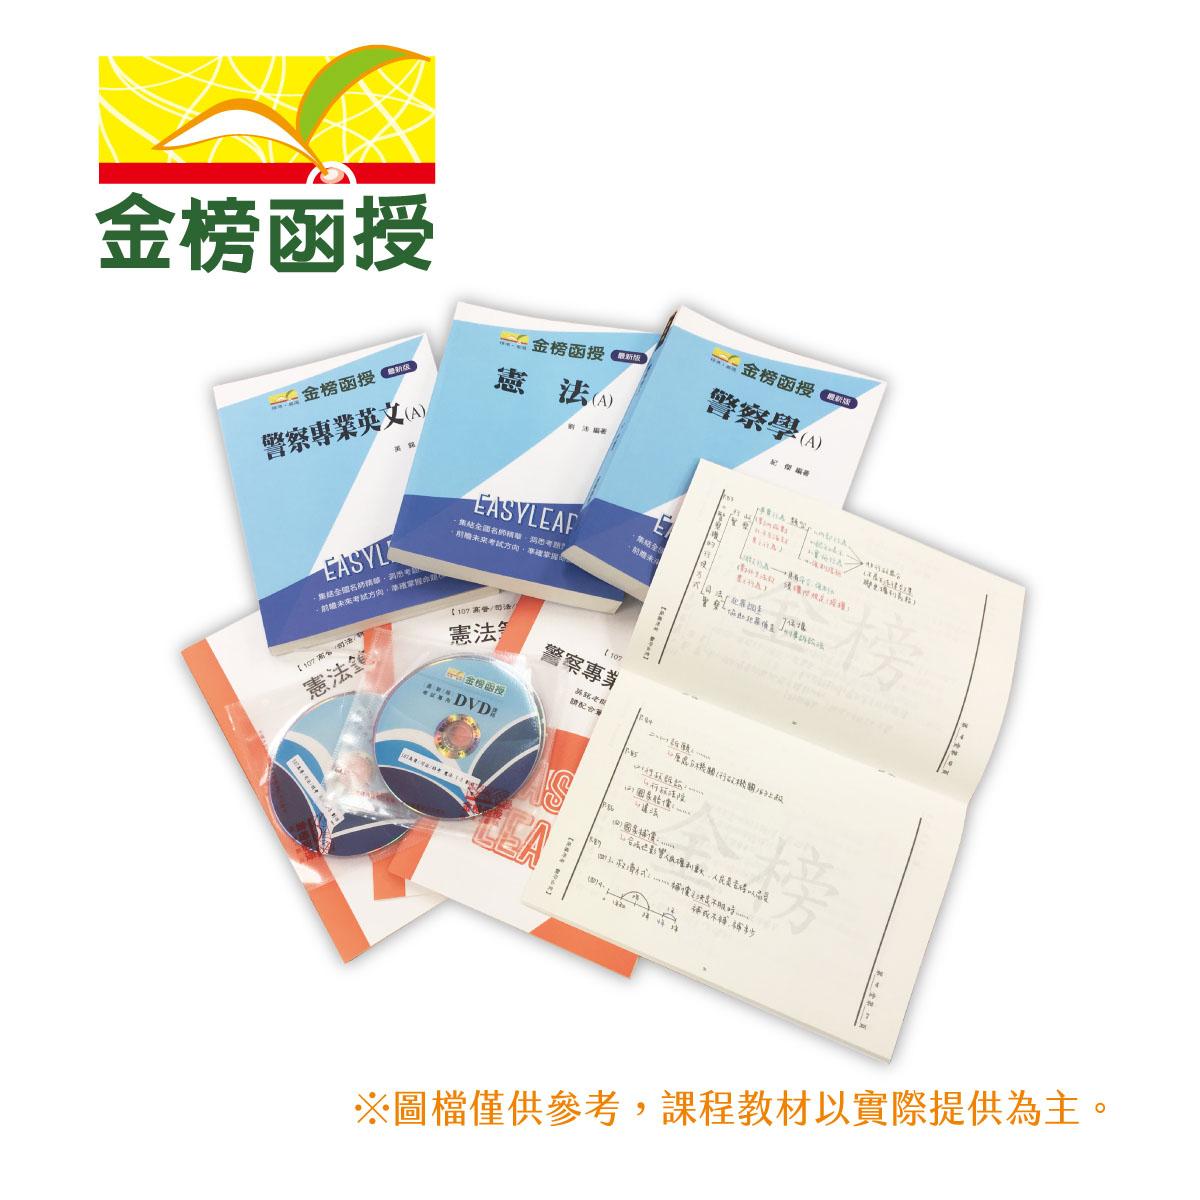 108金榜函授/初等考/全套/社会行政/云端